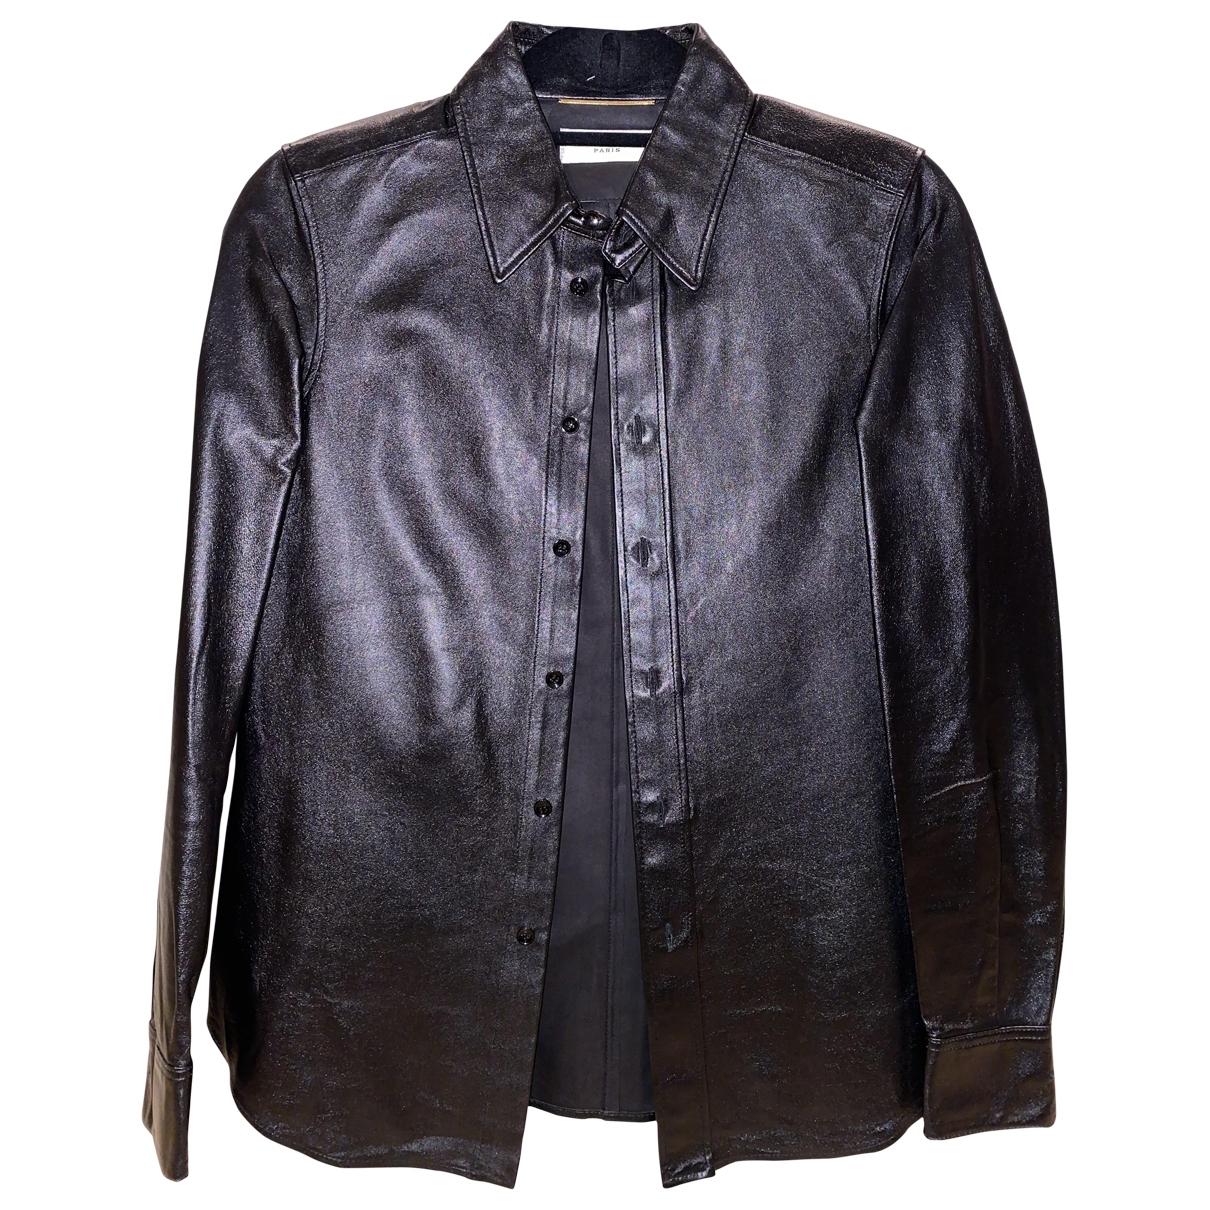 Saint Laurent - Top   pour femme en cuir - noir